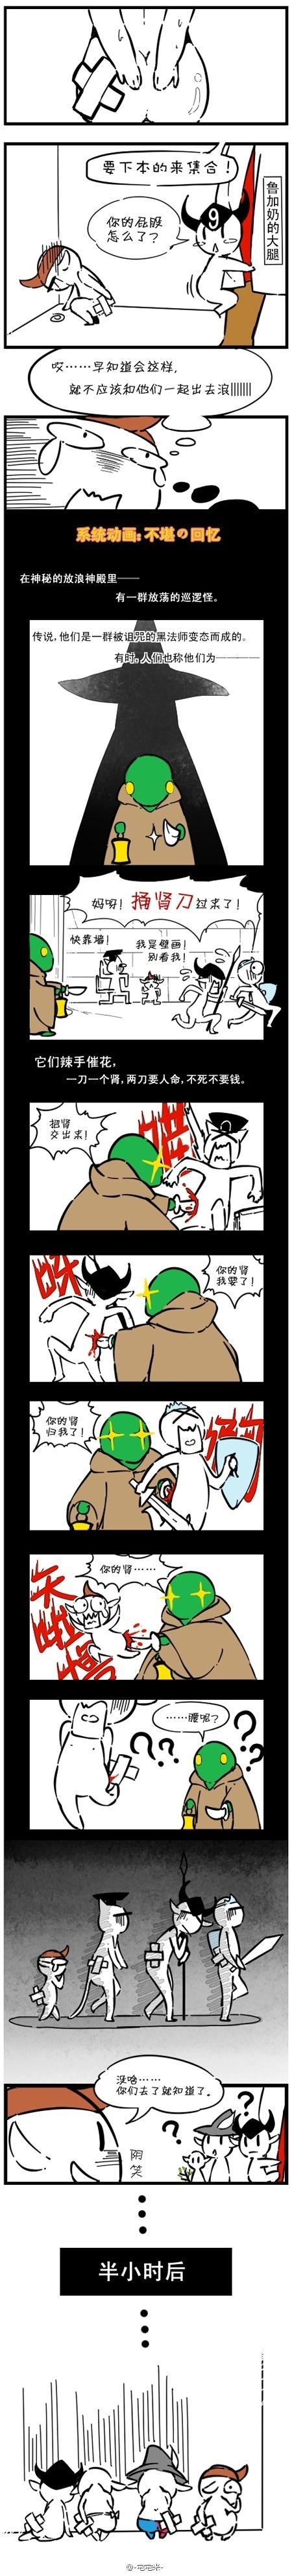 可曾记得被冬贝利追逐的恐惧 FF14爆笑漫画